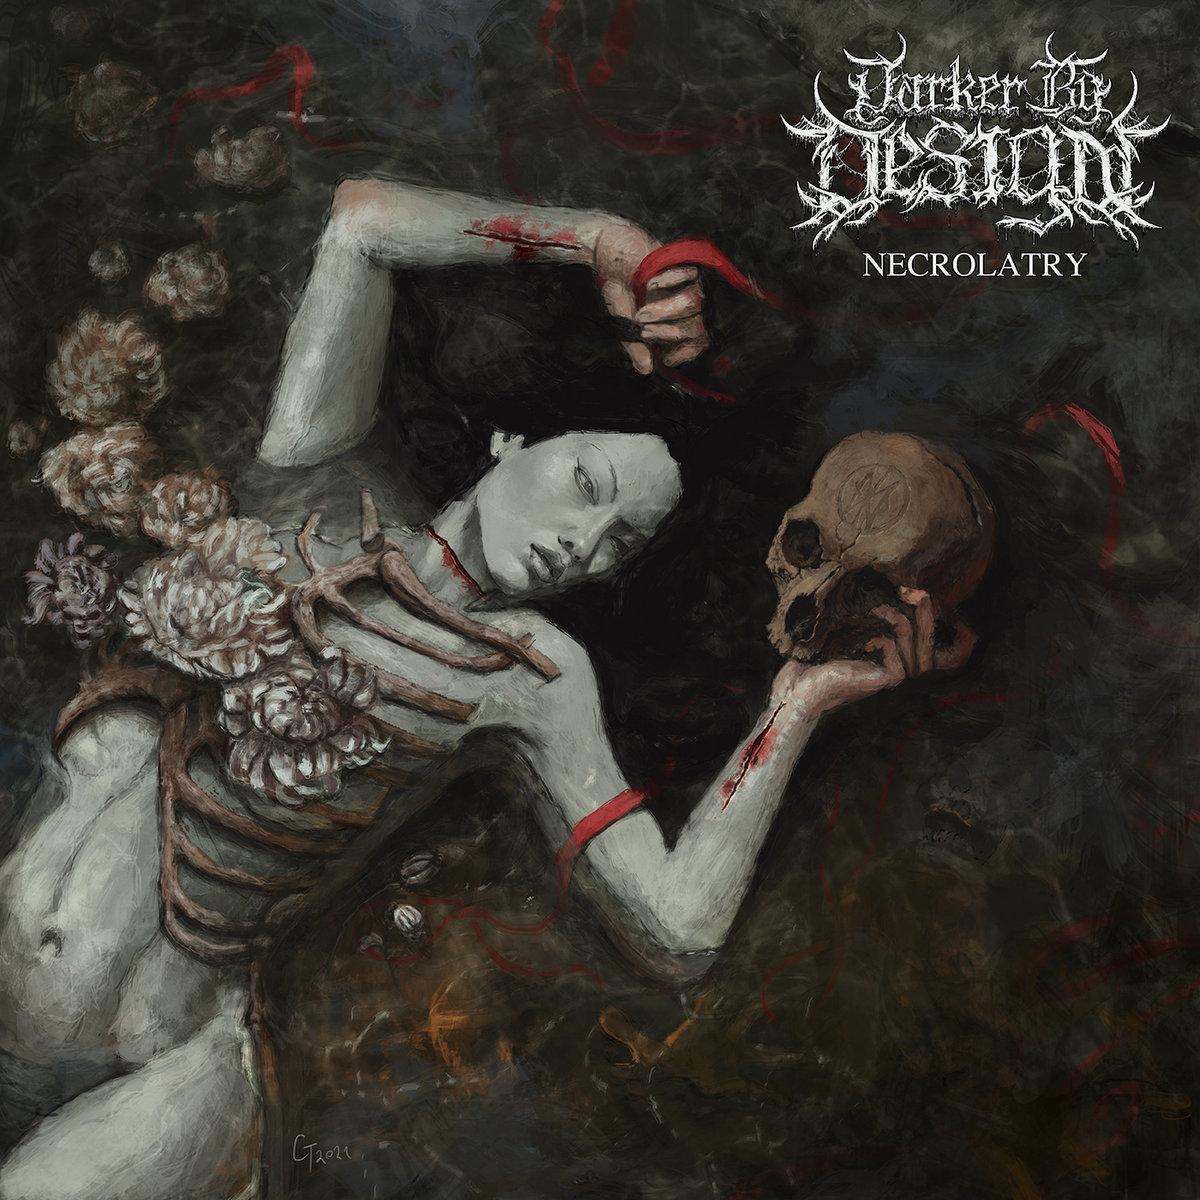 Darker By Design Necrolatry Album Cover Artwork